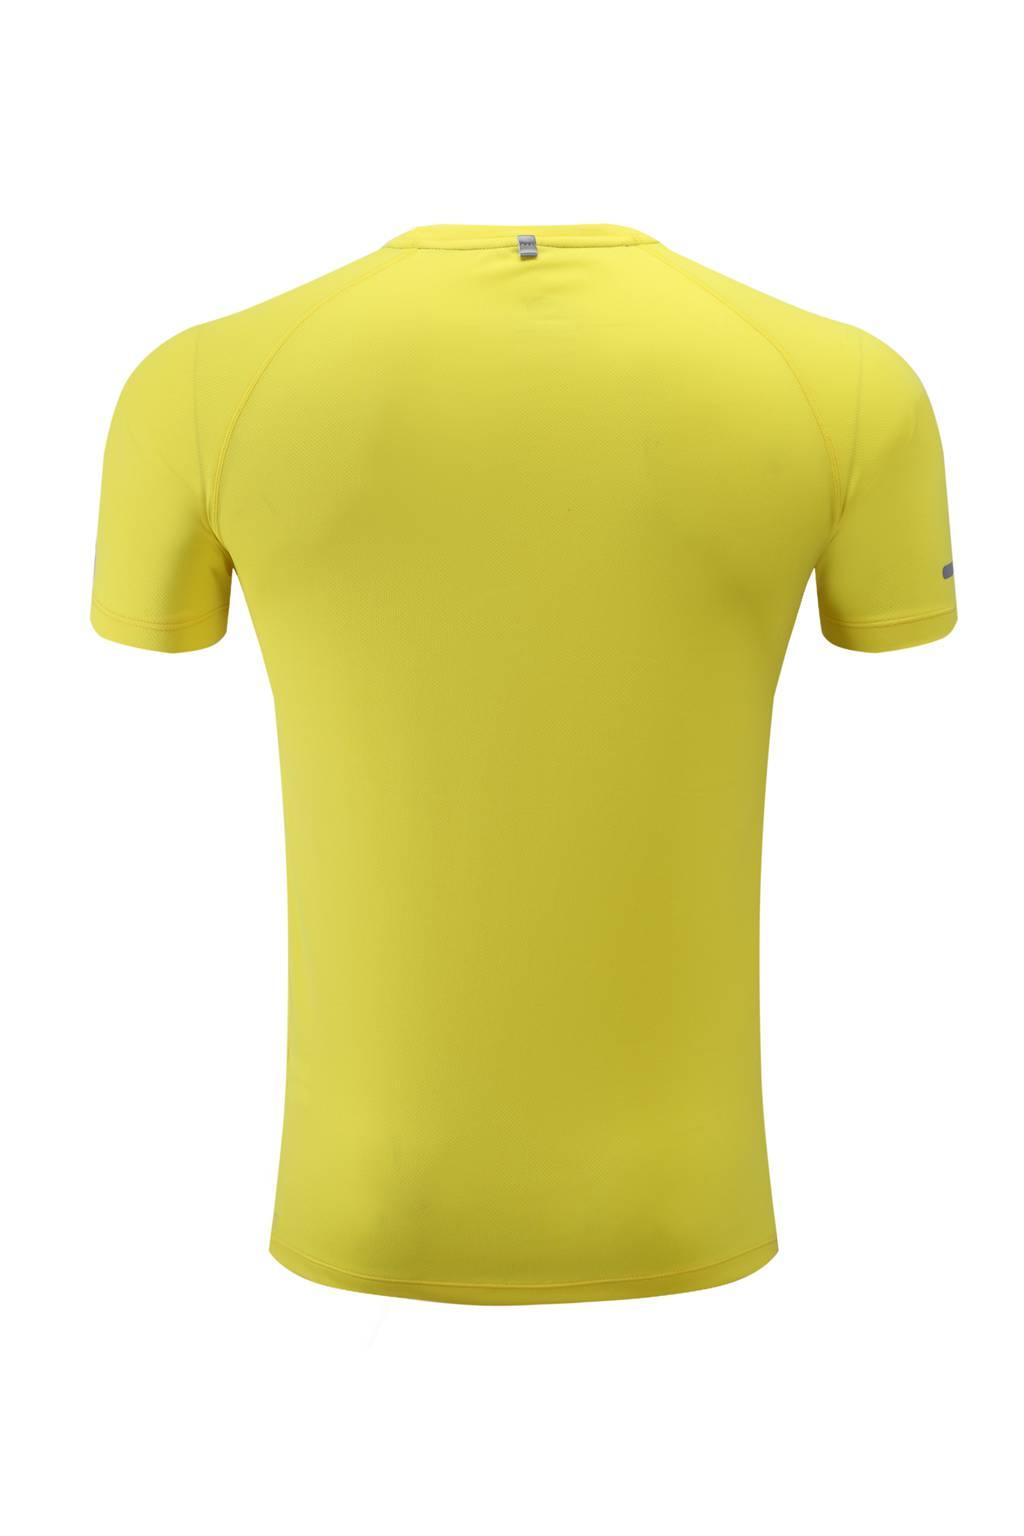 高档速干T恤 男女情侣衫 黄色3D图